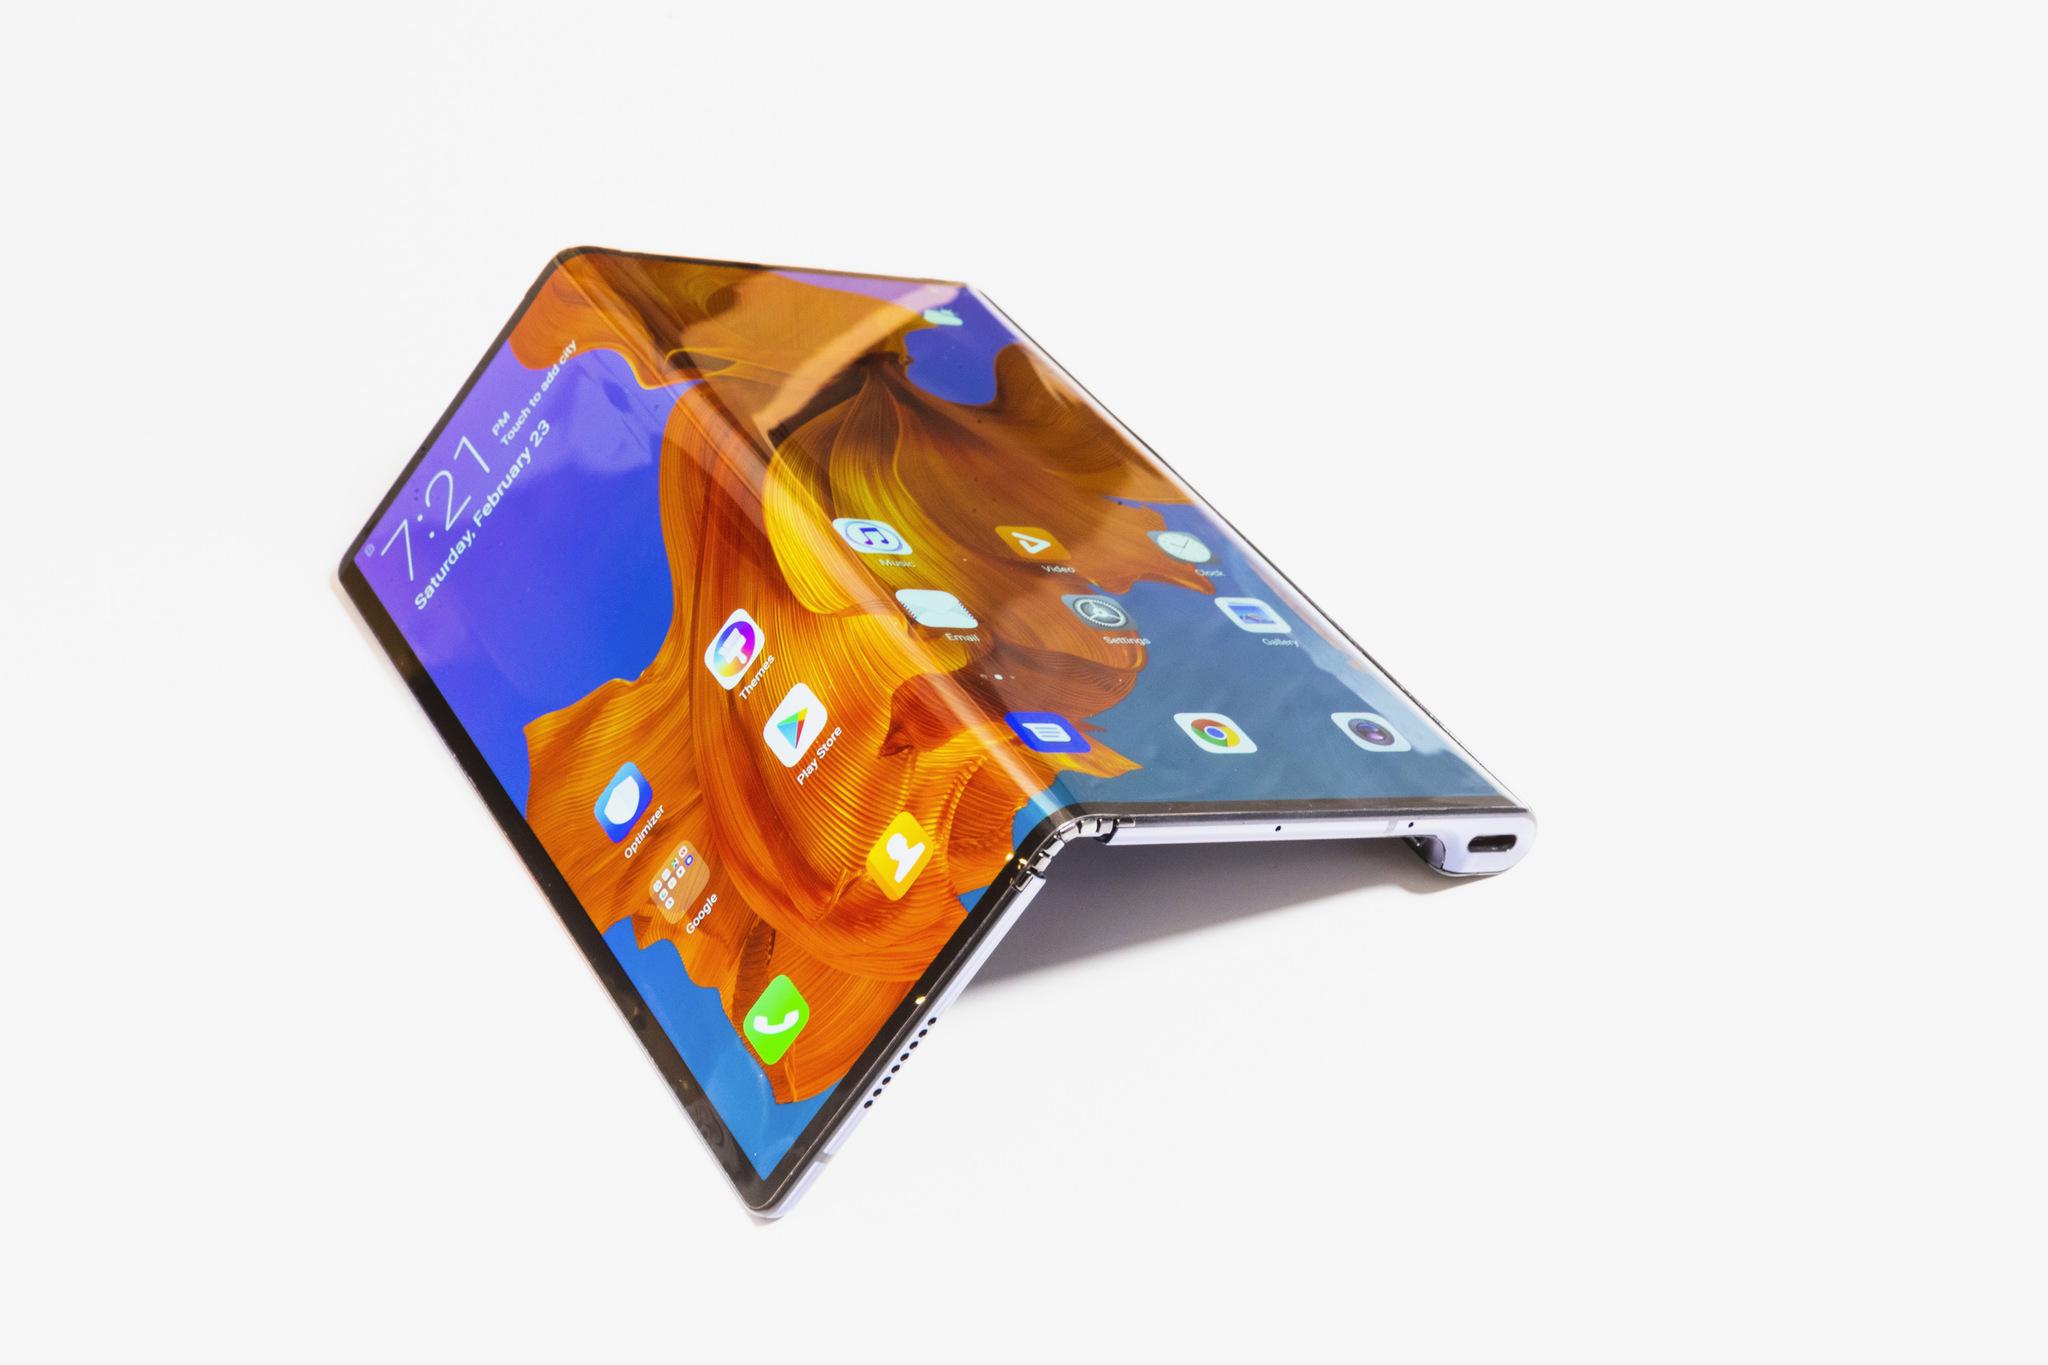 Huawei Mate X riceve il primo certificato CE al mondo per il 5G thumbnail